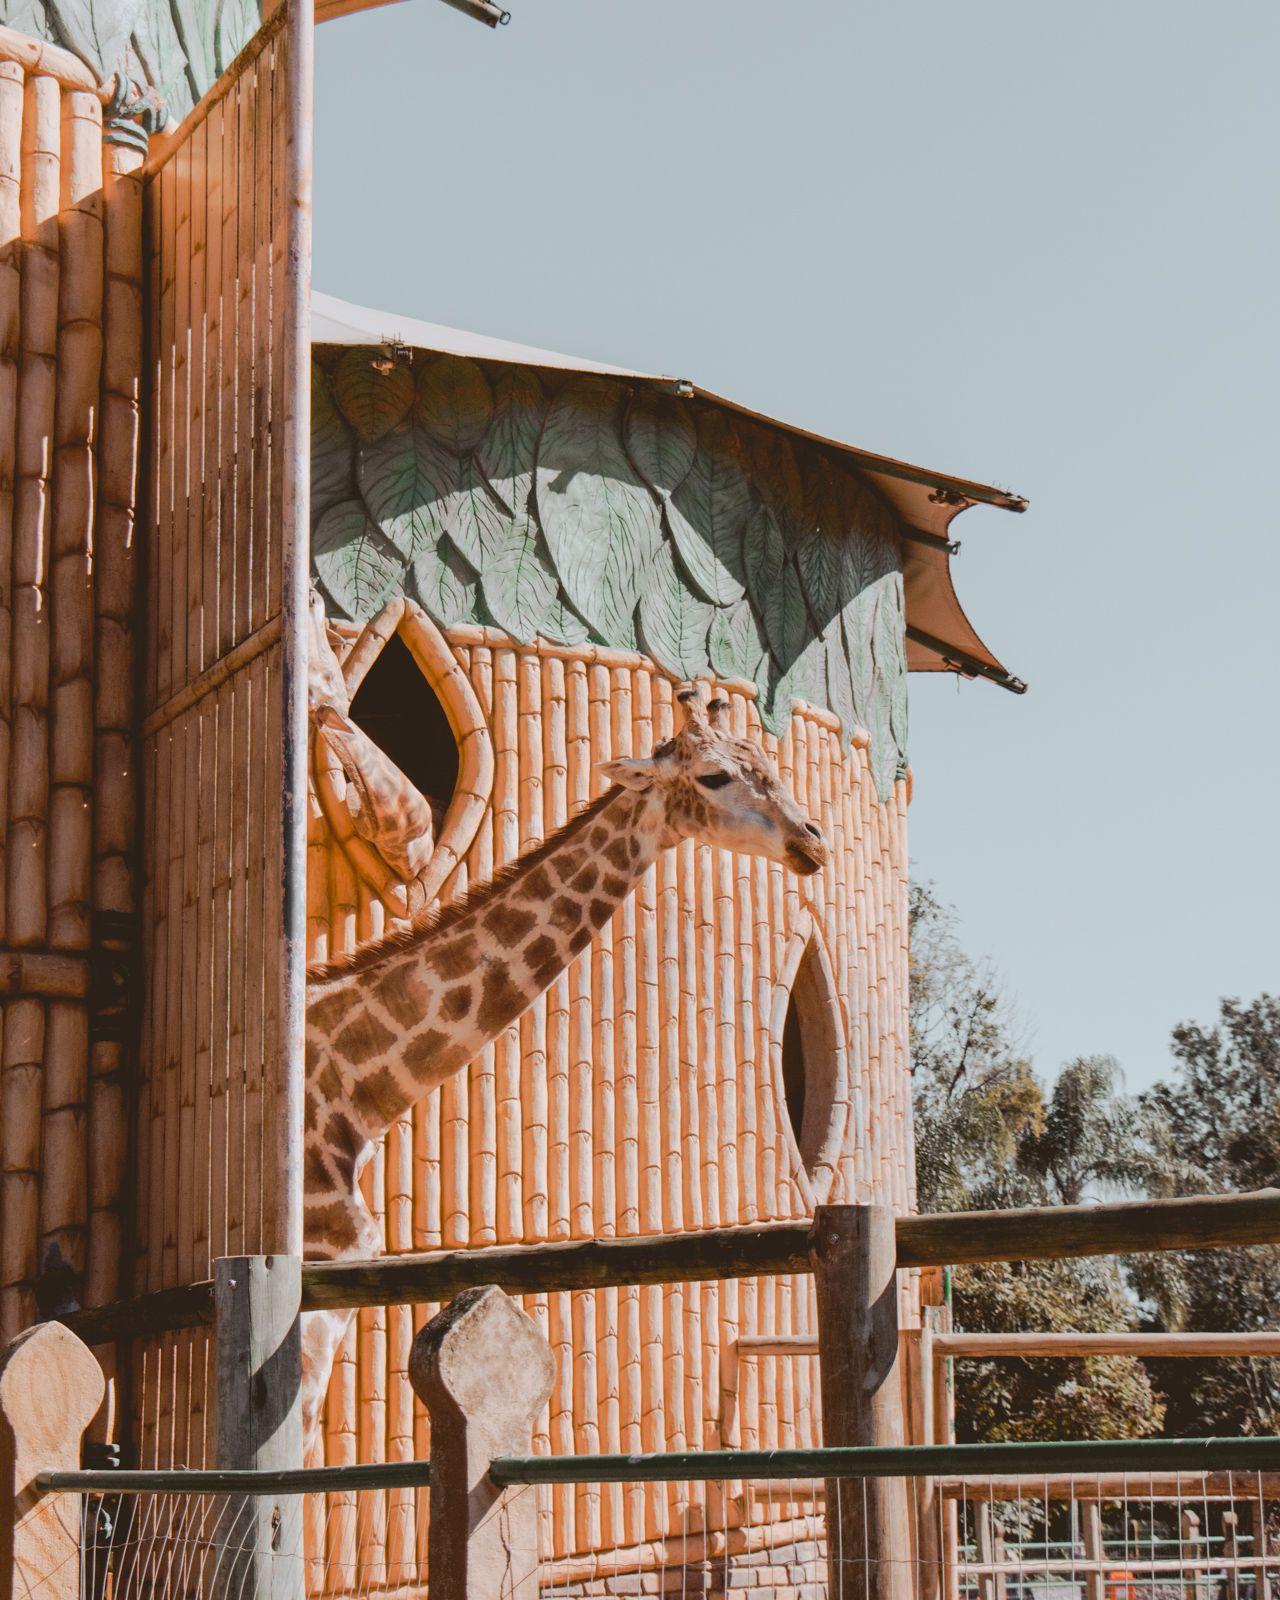 giraffa parque beto carrero